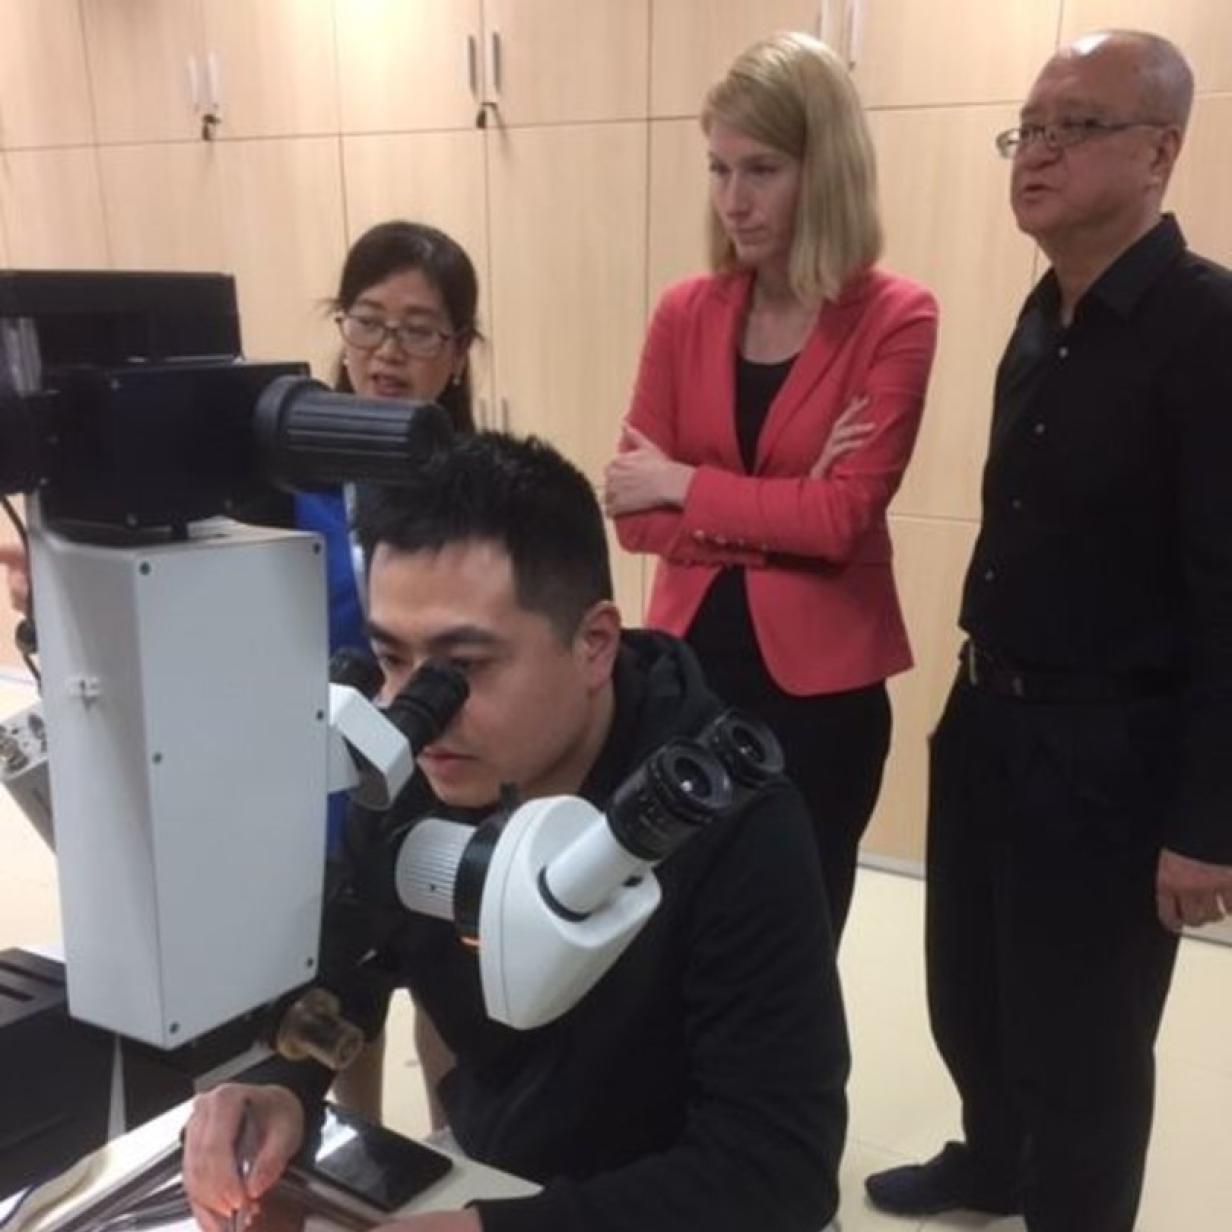 Datenerfassung im Spital über Gesichtserkennung